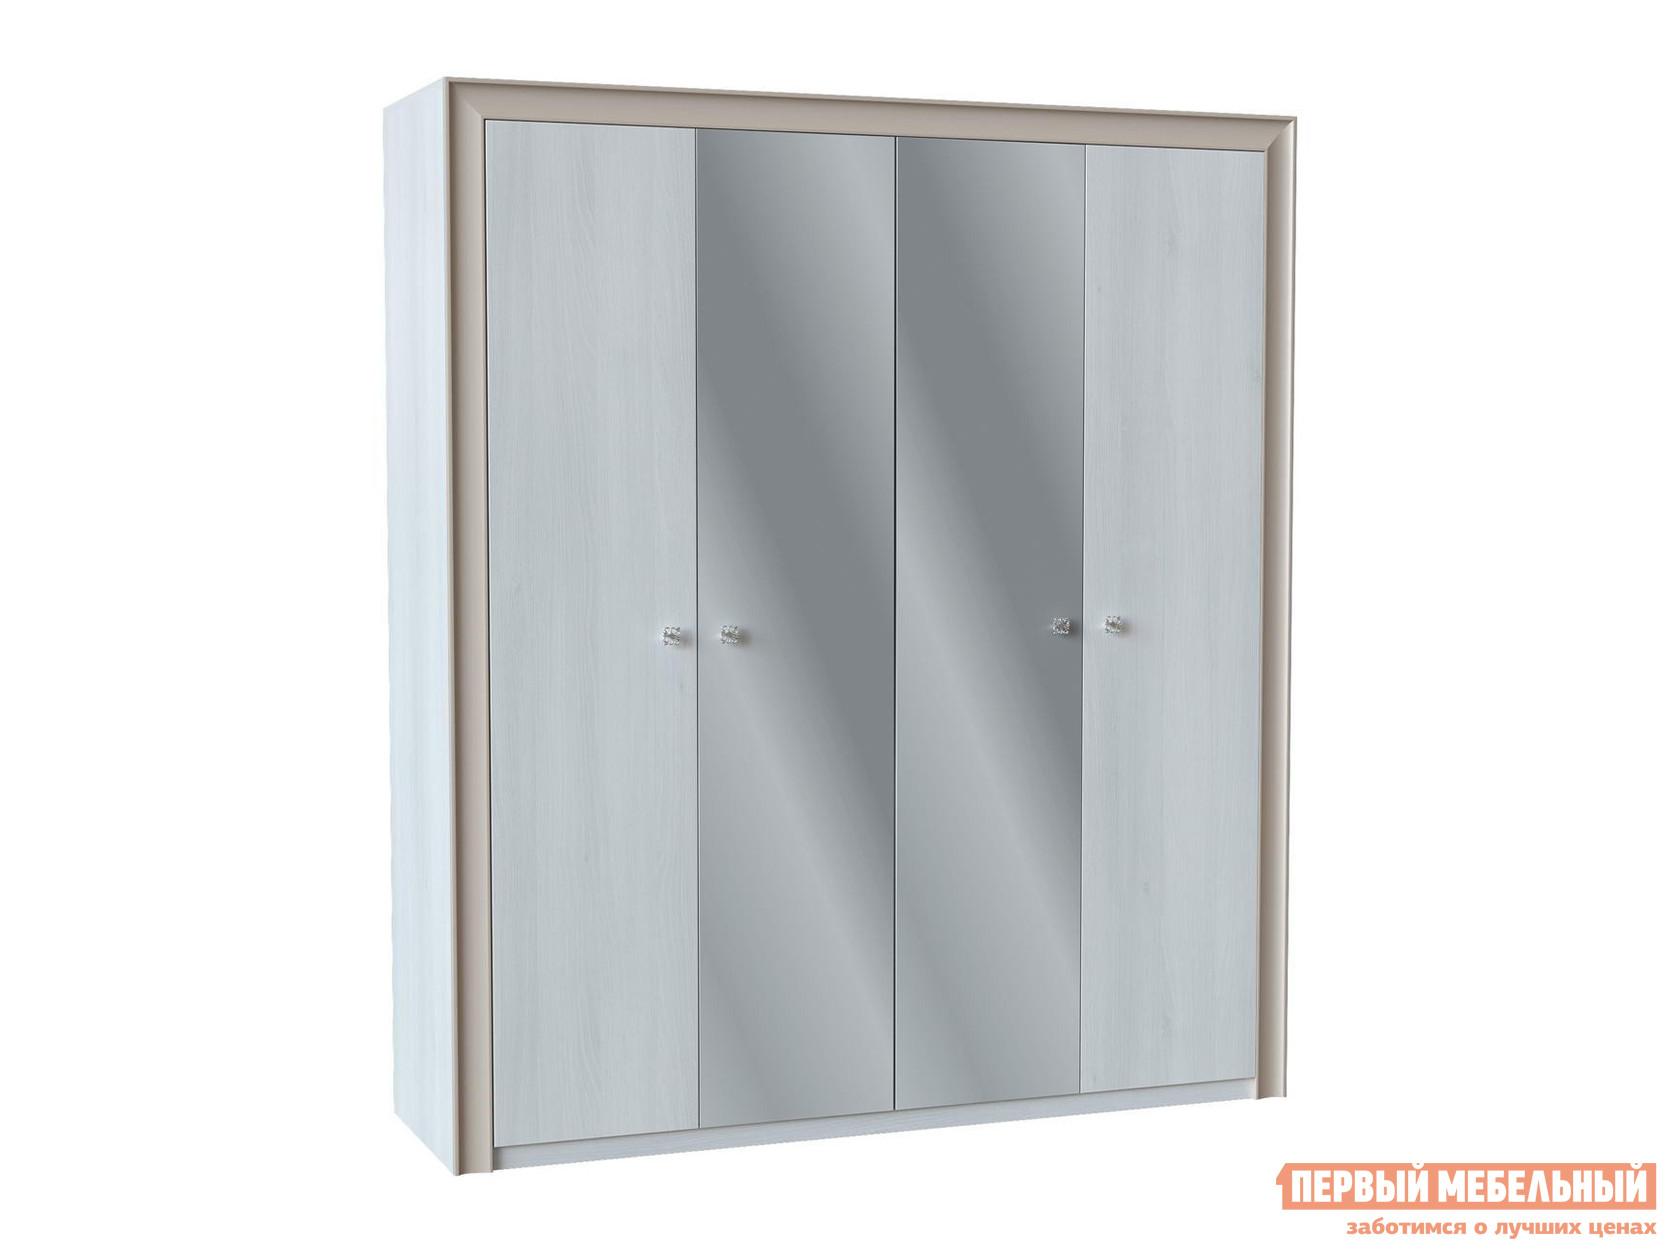 Шкаф распашной с зеркалом Первый Мебельный Прато Ш4